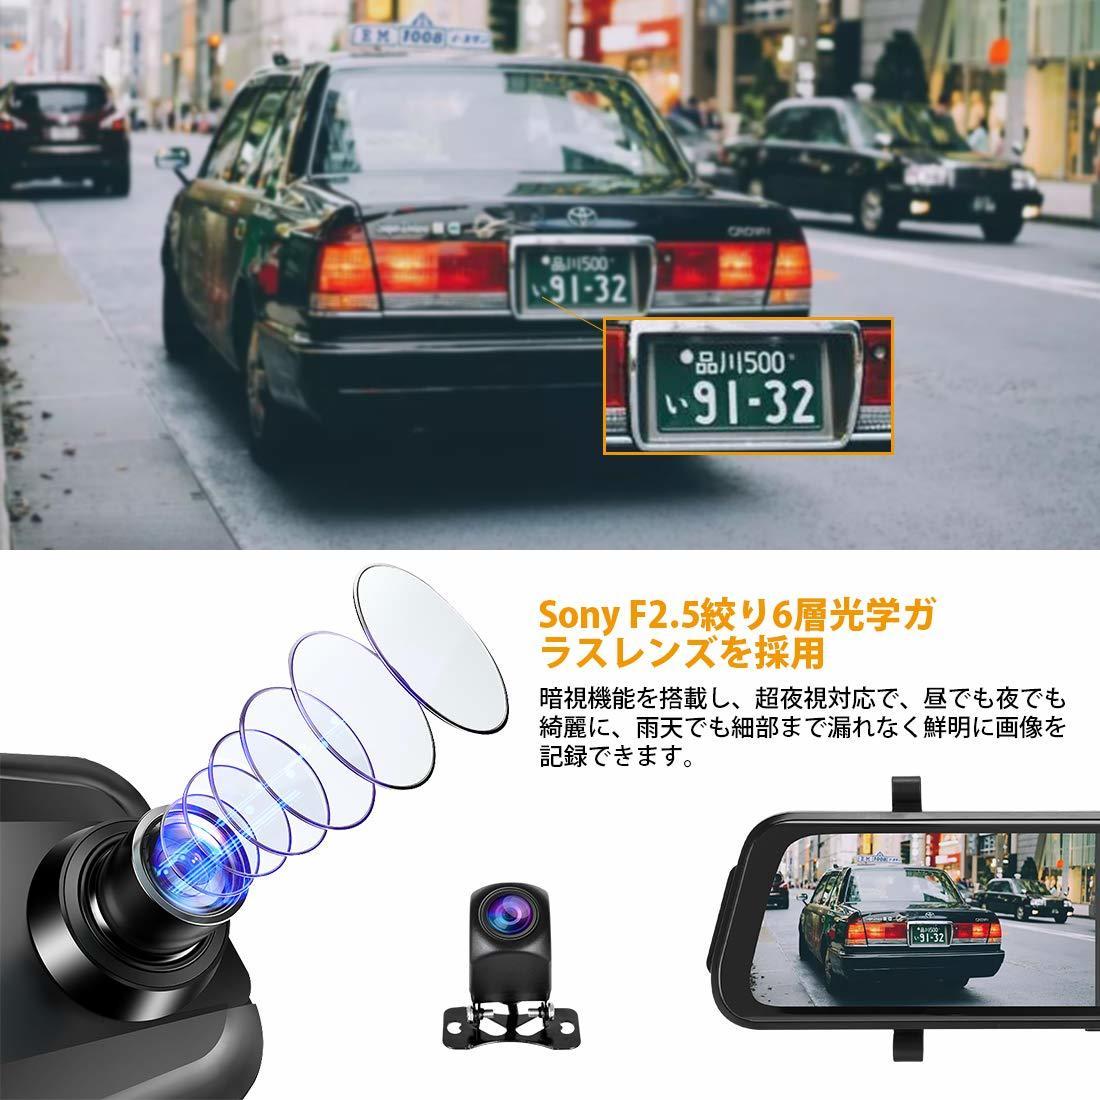 送料無料 32GB SDカード付 ドライブレコーダー G1013 タッチパネル9.66インチ ミラー型 前後カメラ LED信号機対応フルHD 日本製説明書 新品_画像6